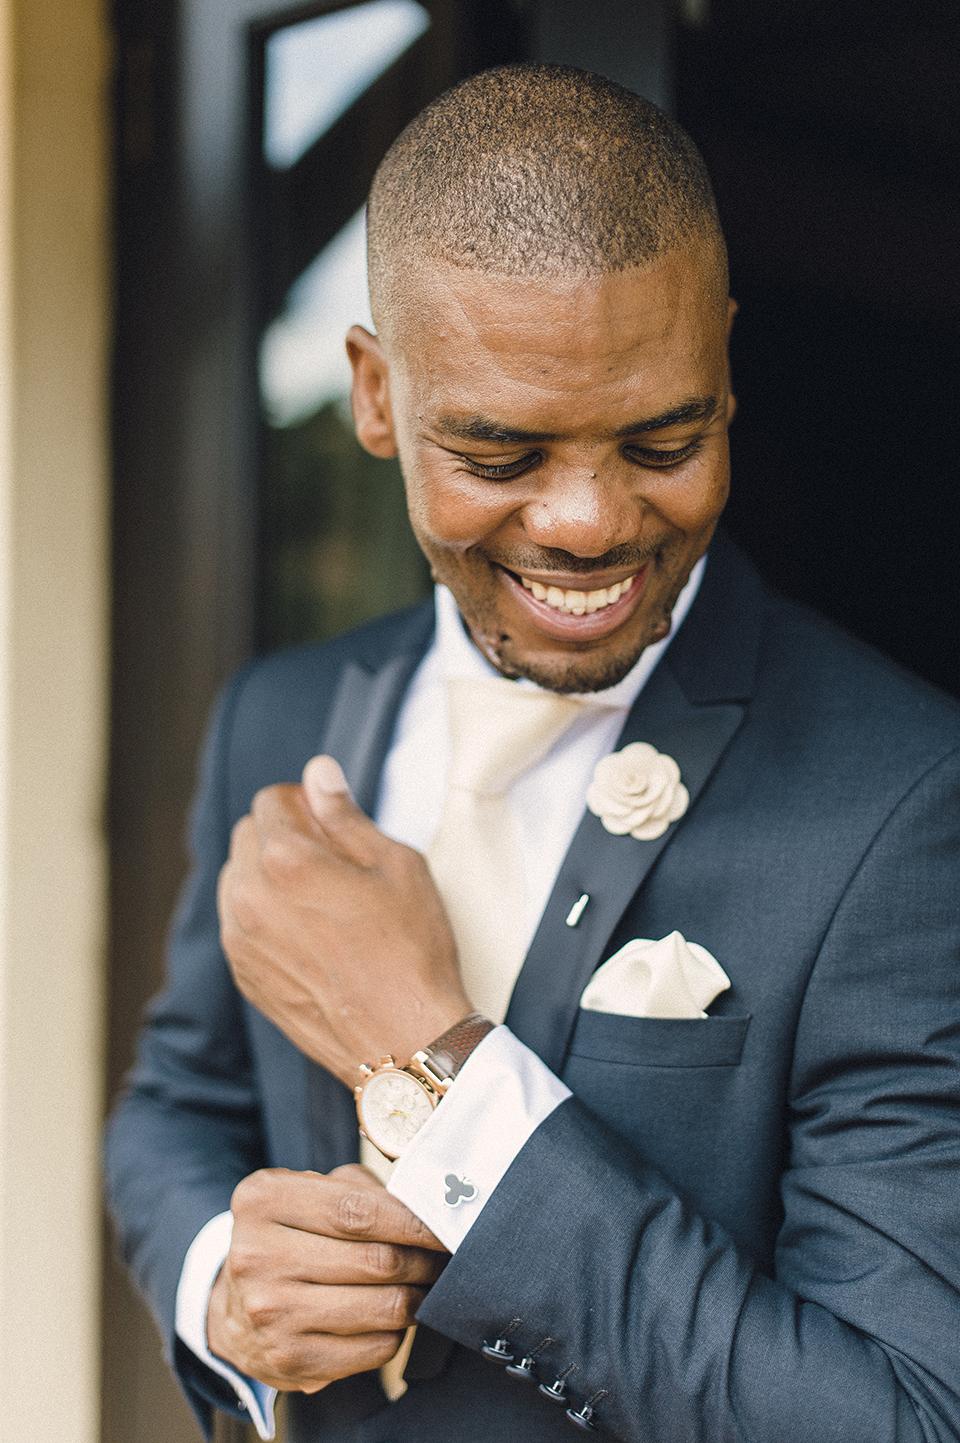 RyanParker_WeddingPhotographer_FineArt_CapeTown_Johannesburg_Hermanus_Avianto_T&L_DSC_8639.jpg